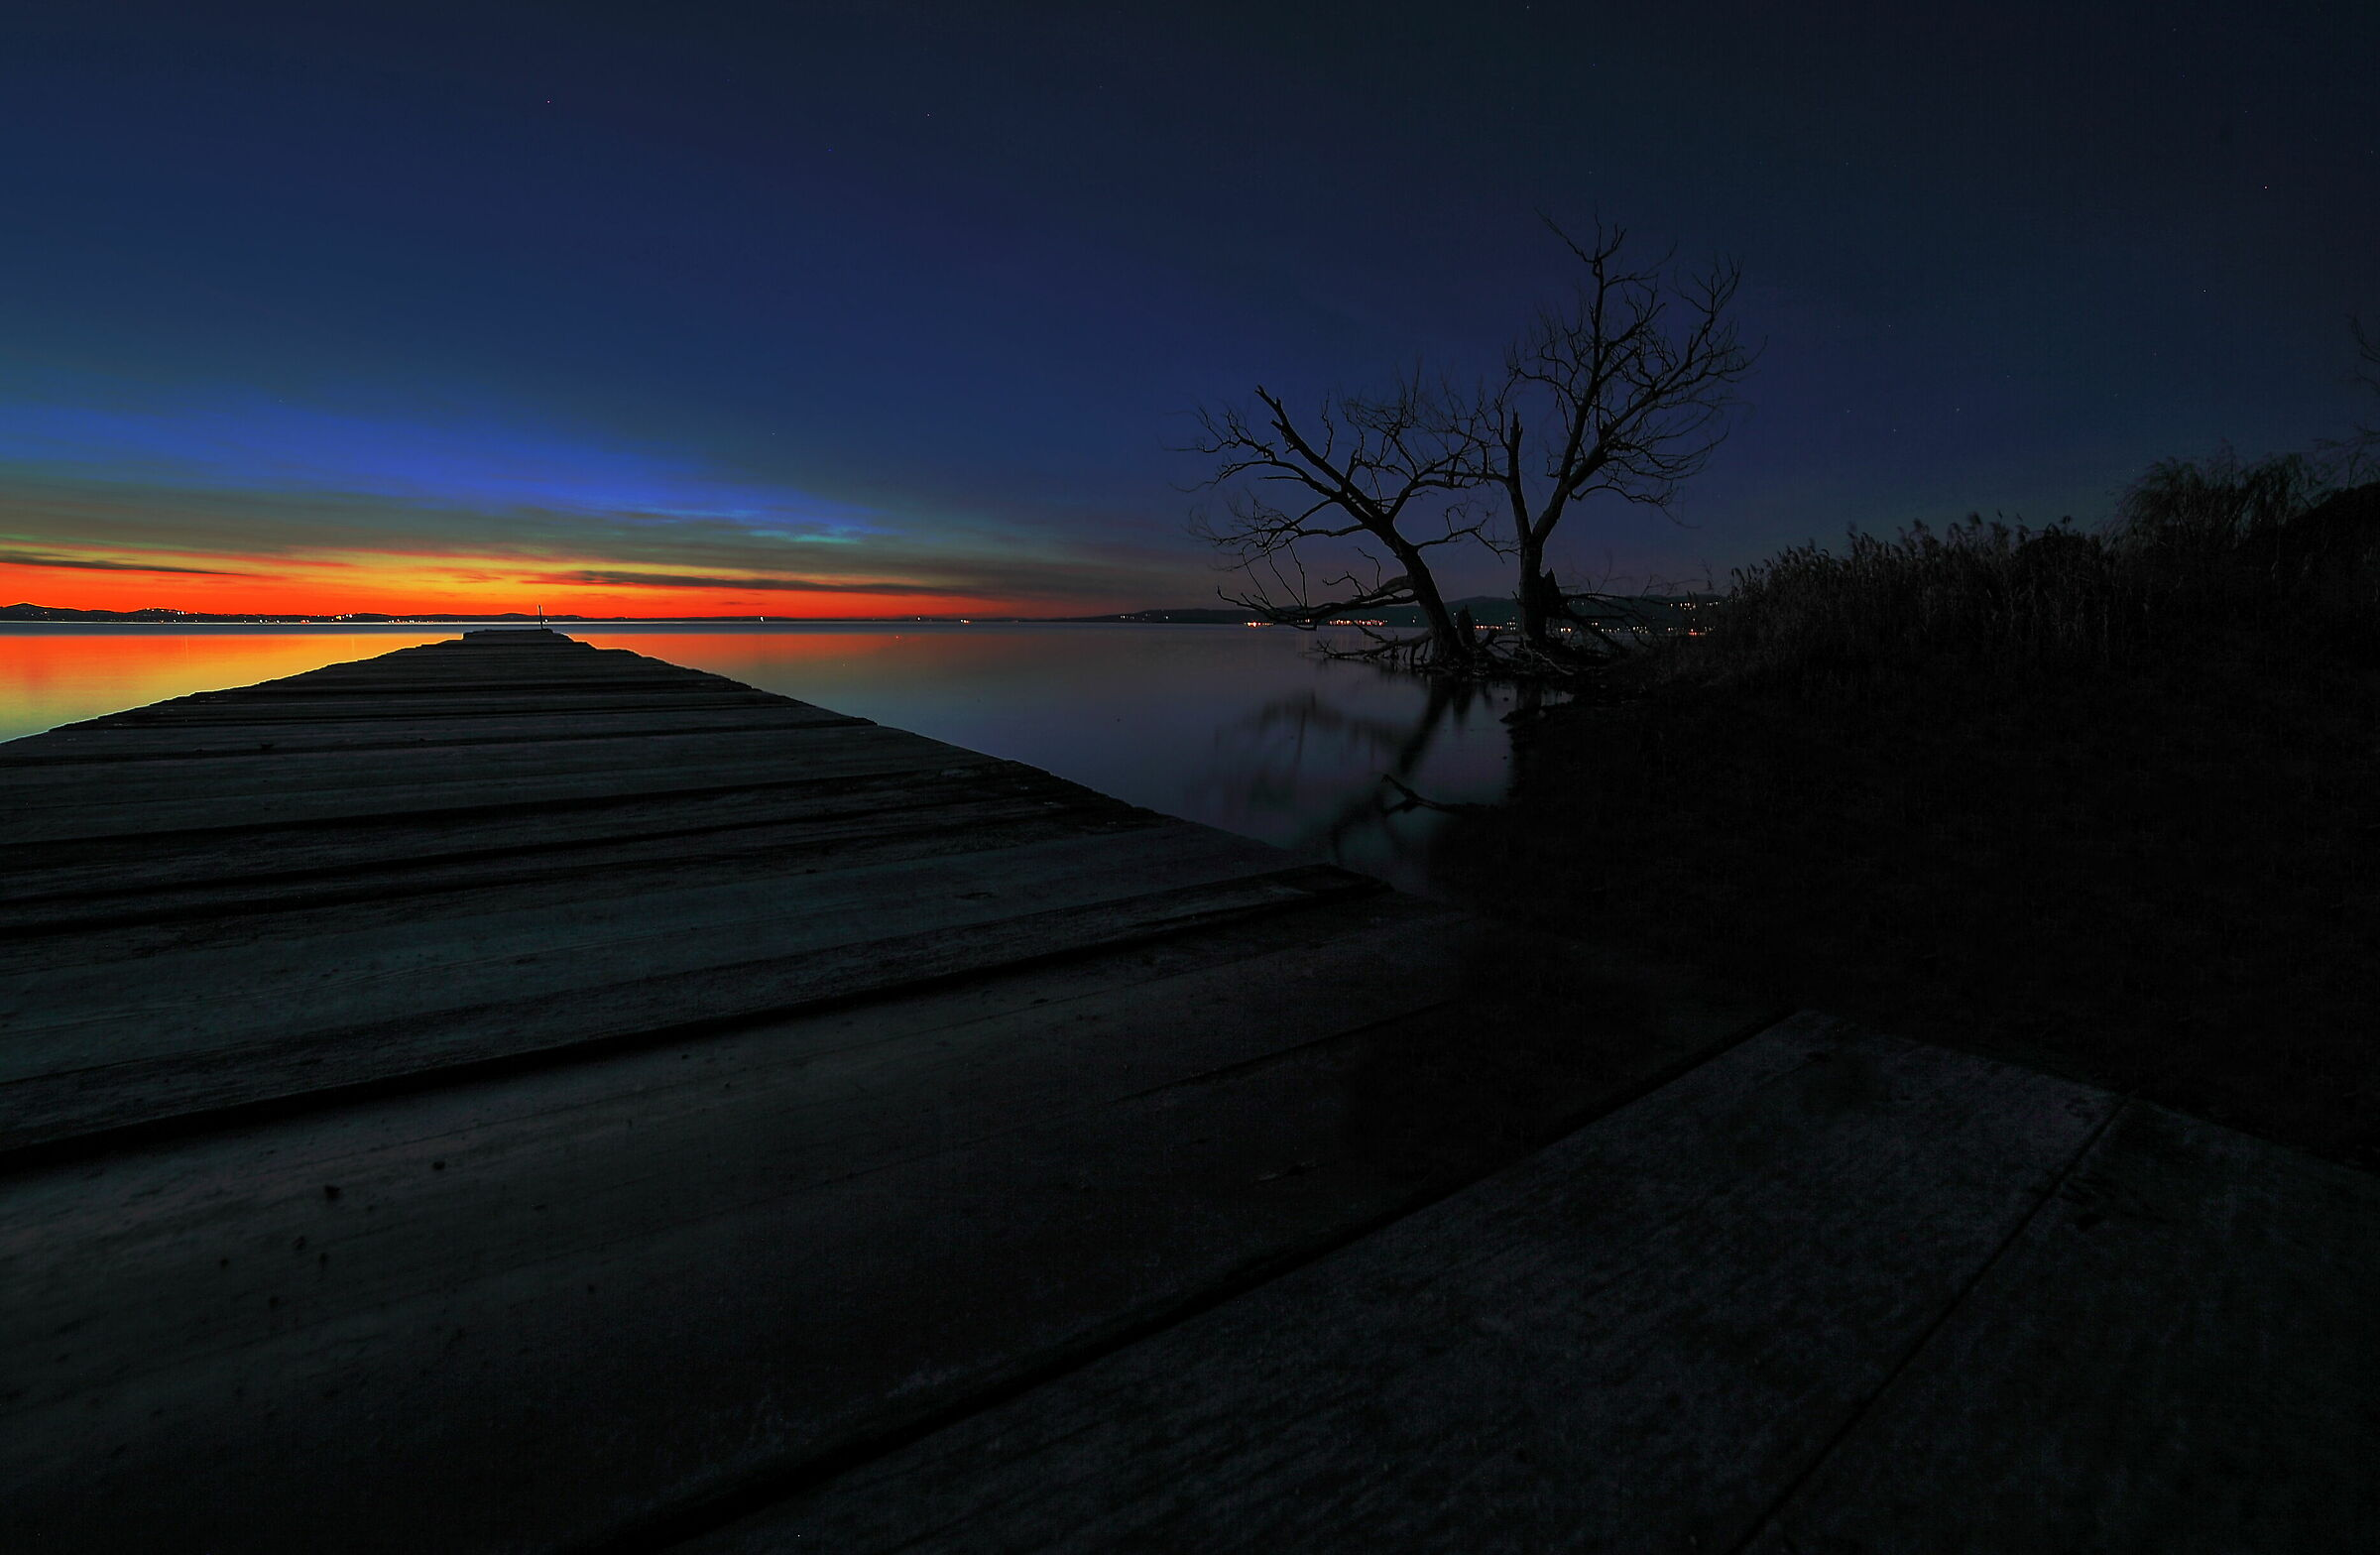 La via del tramonto e l'oscurità...